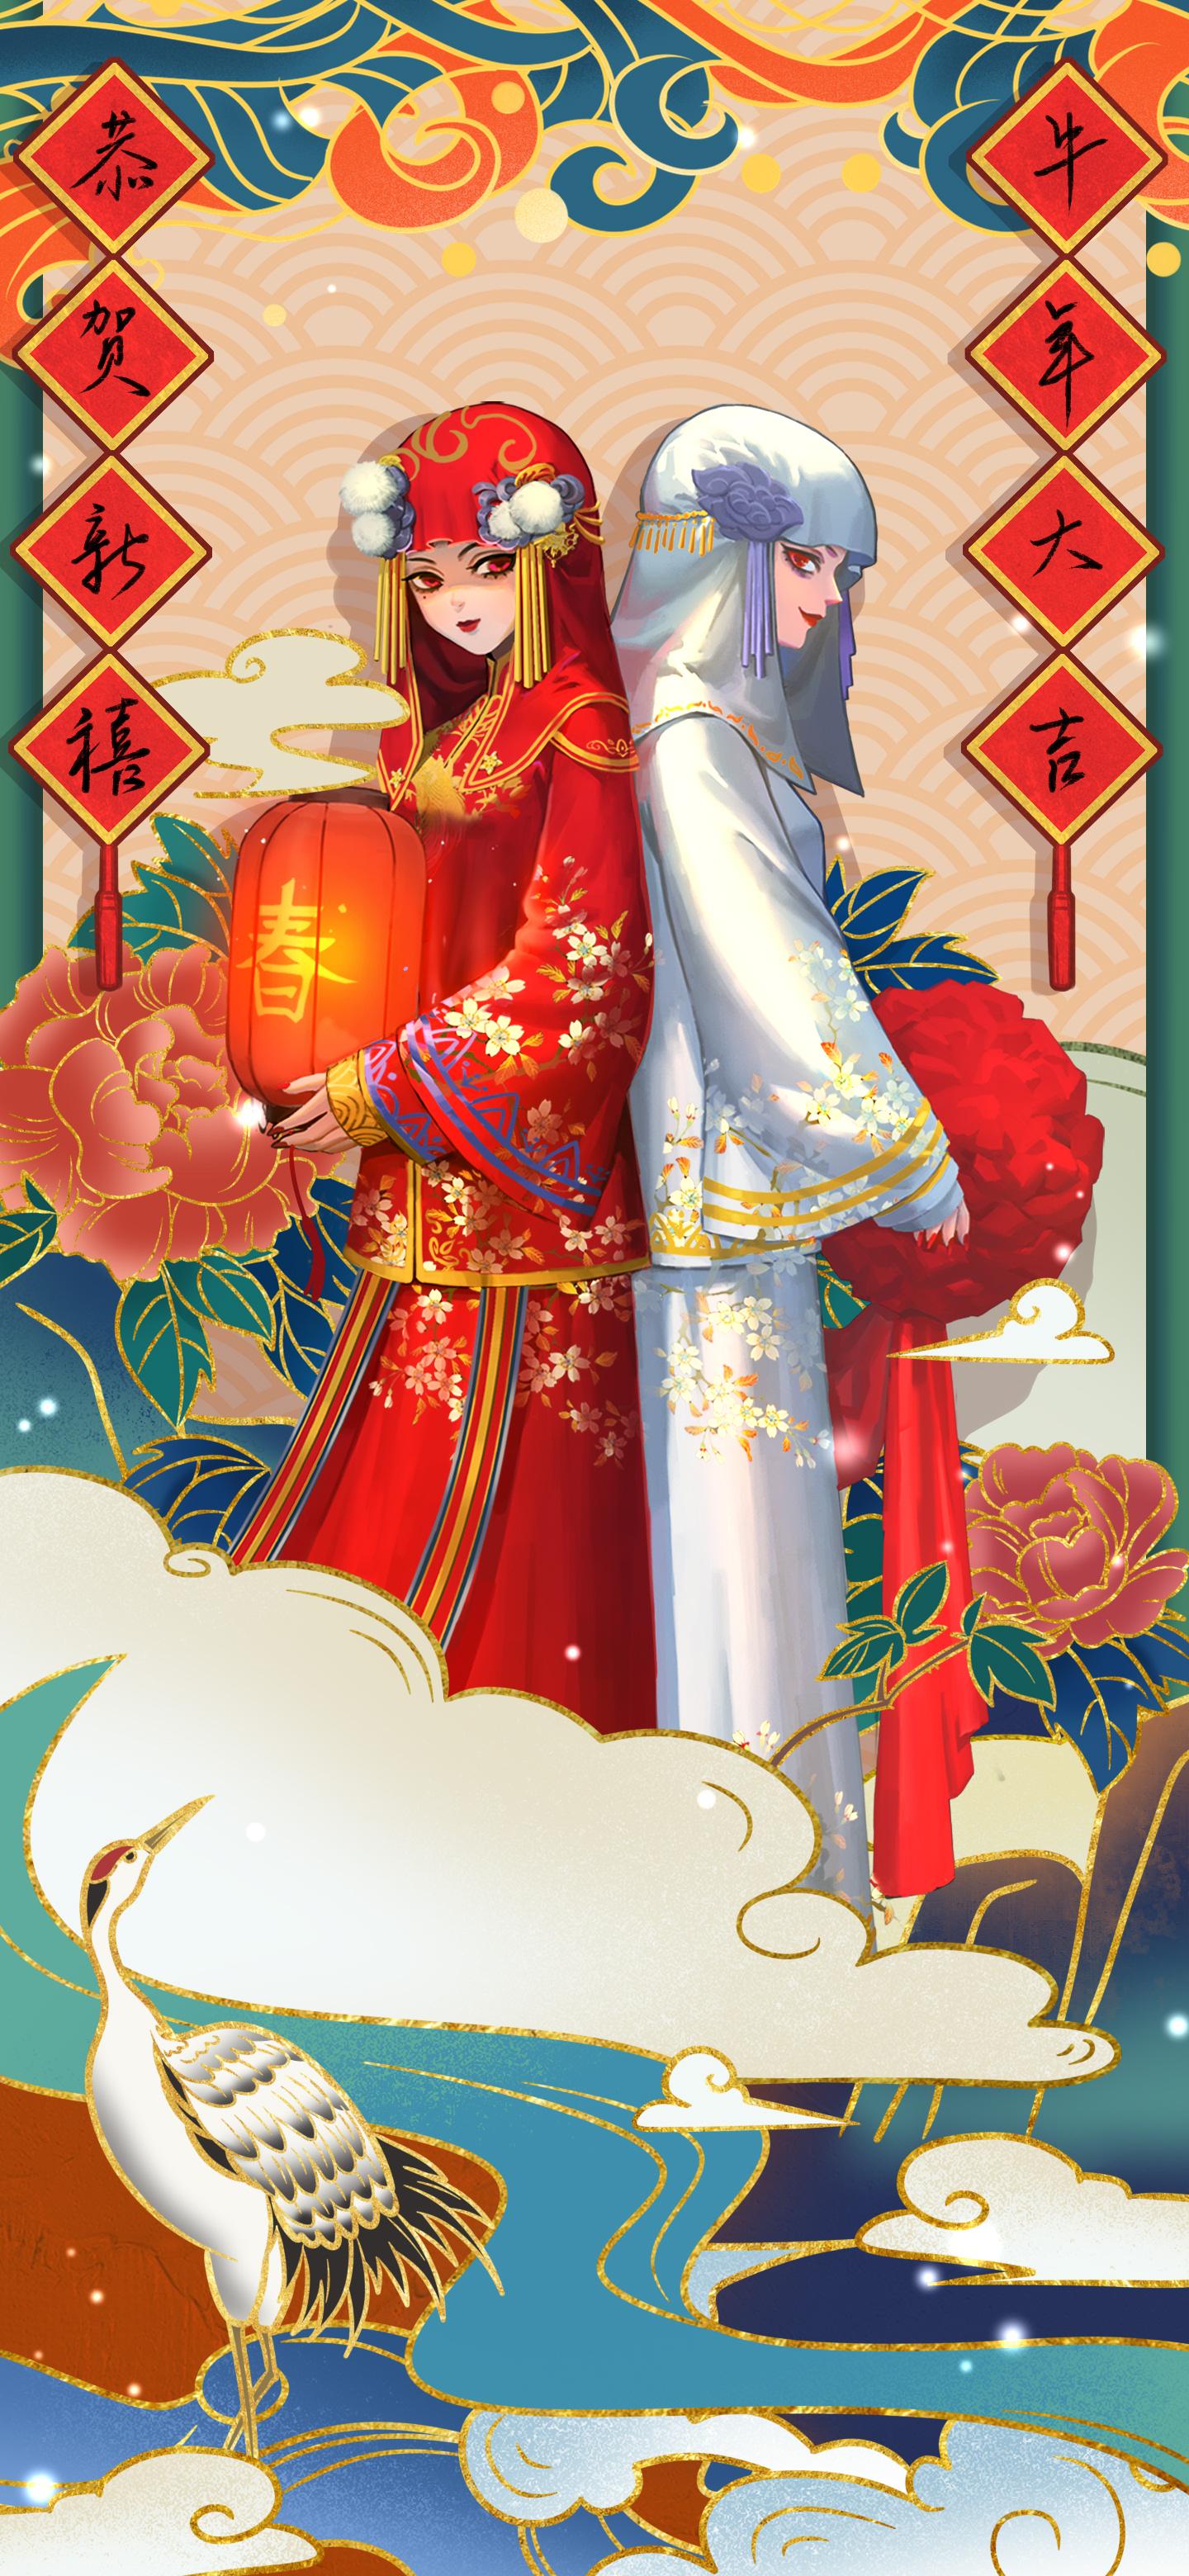 春节快乐呀各位大大们~